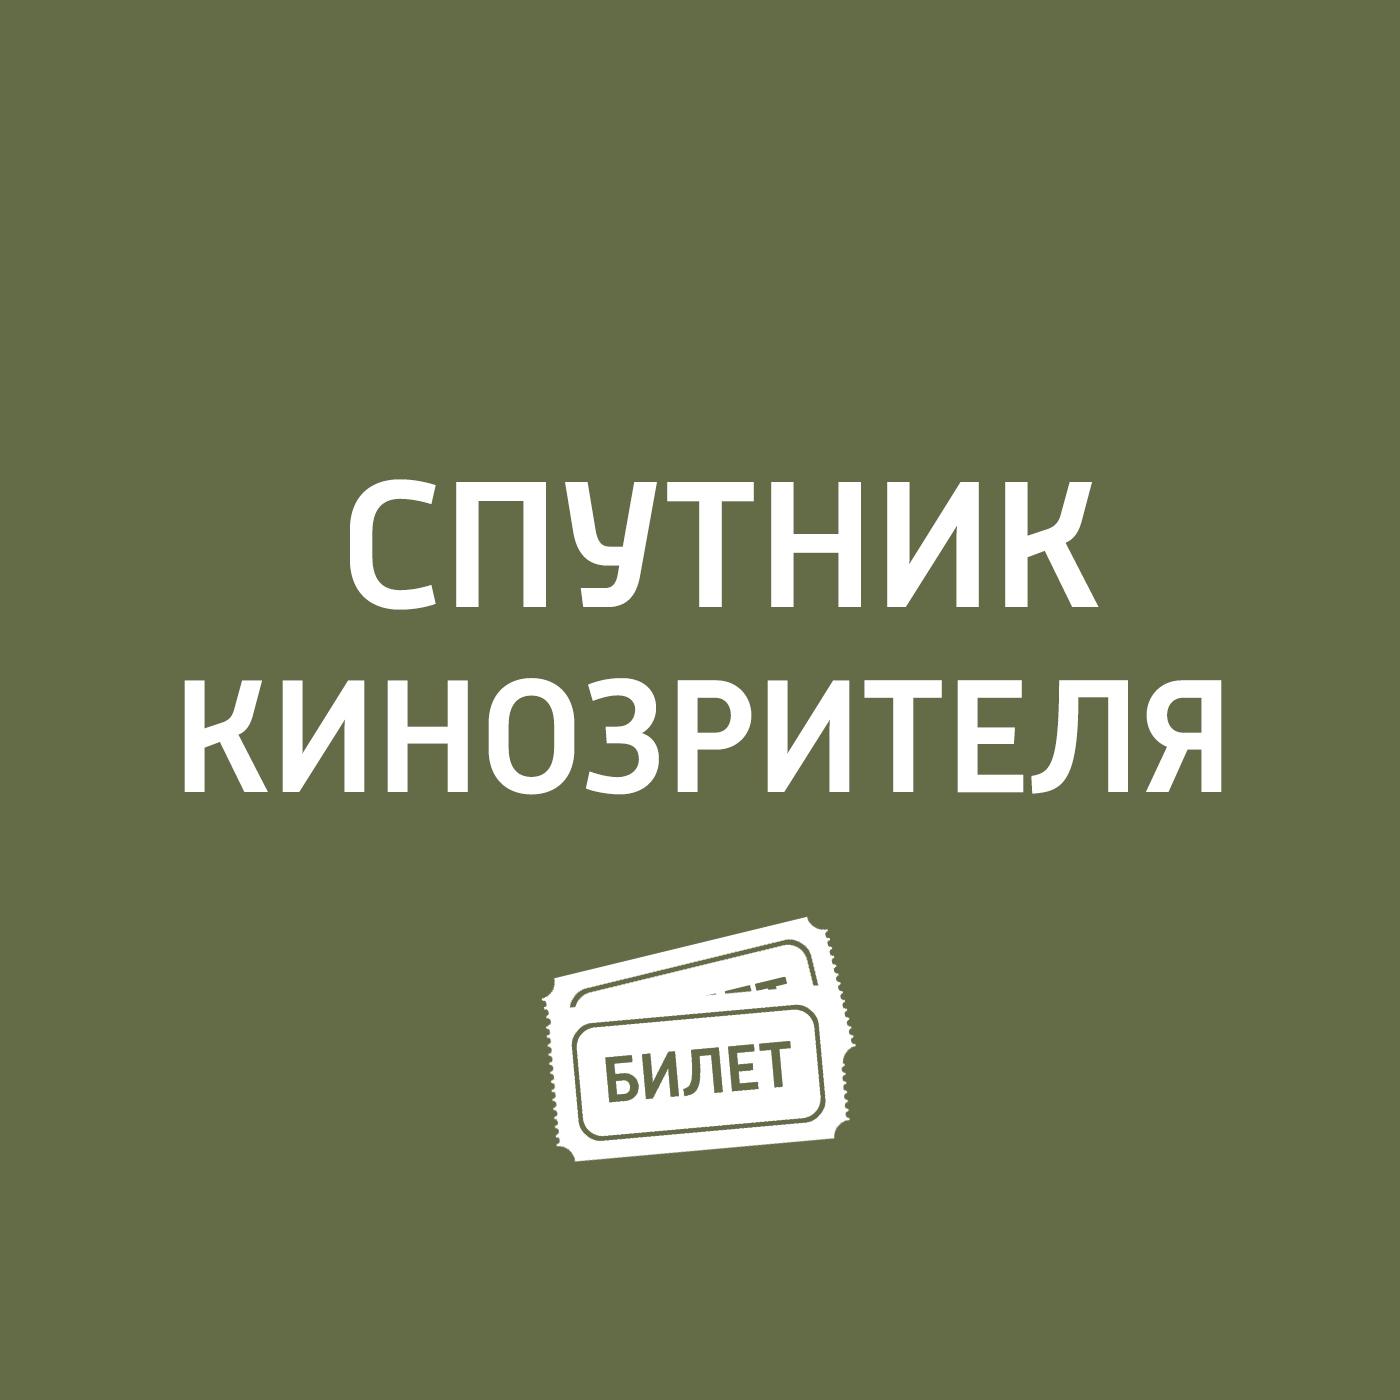 Антон Долин Большая игра, Реальные упыри, Территория, Ночной беглец цена и фото